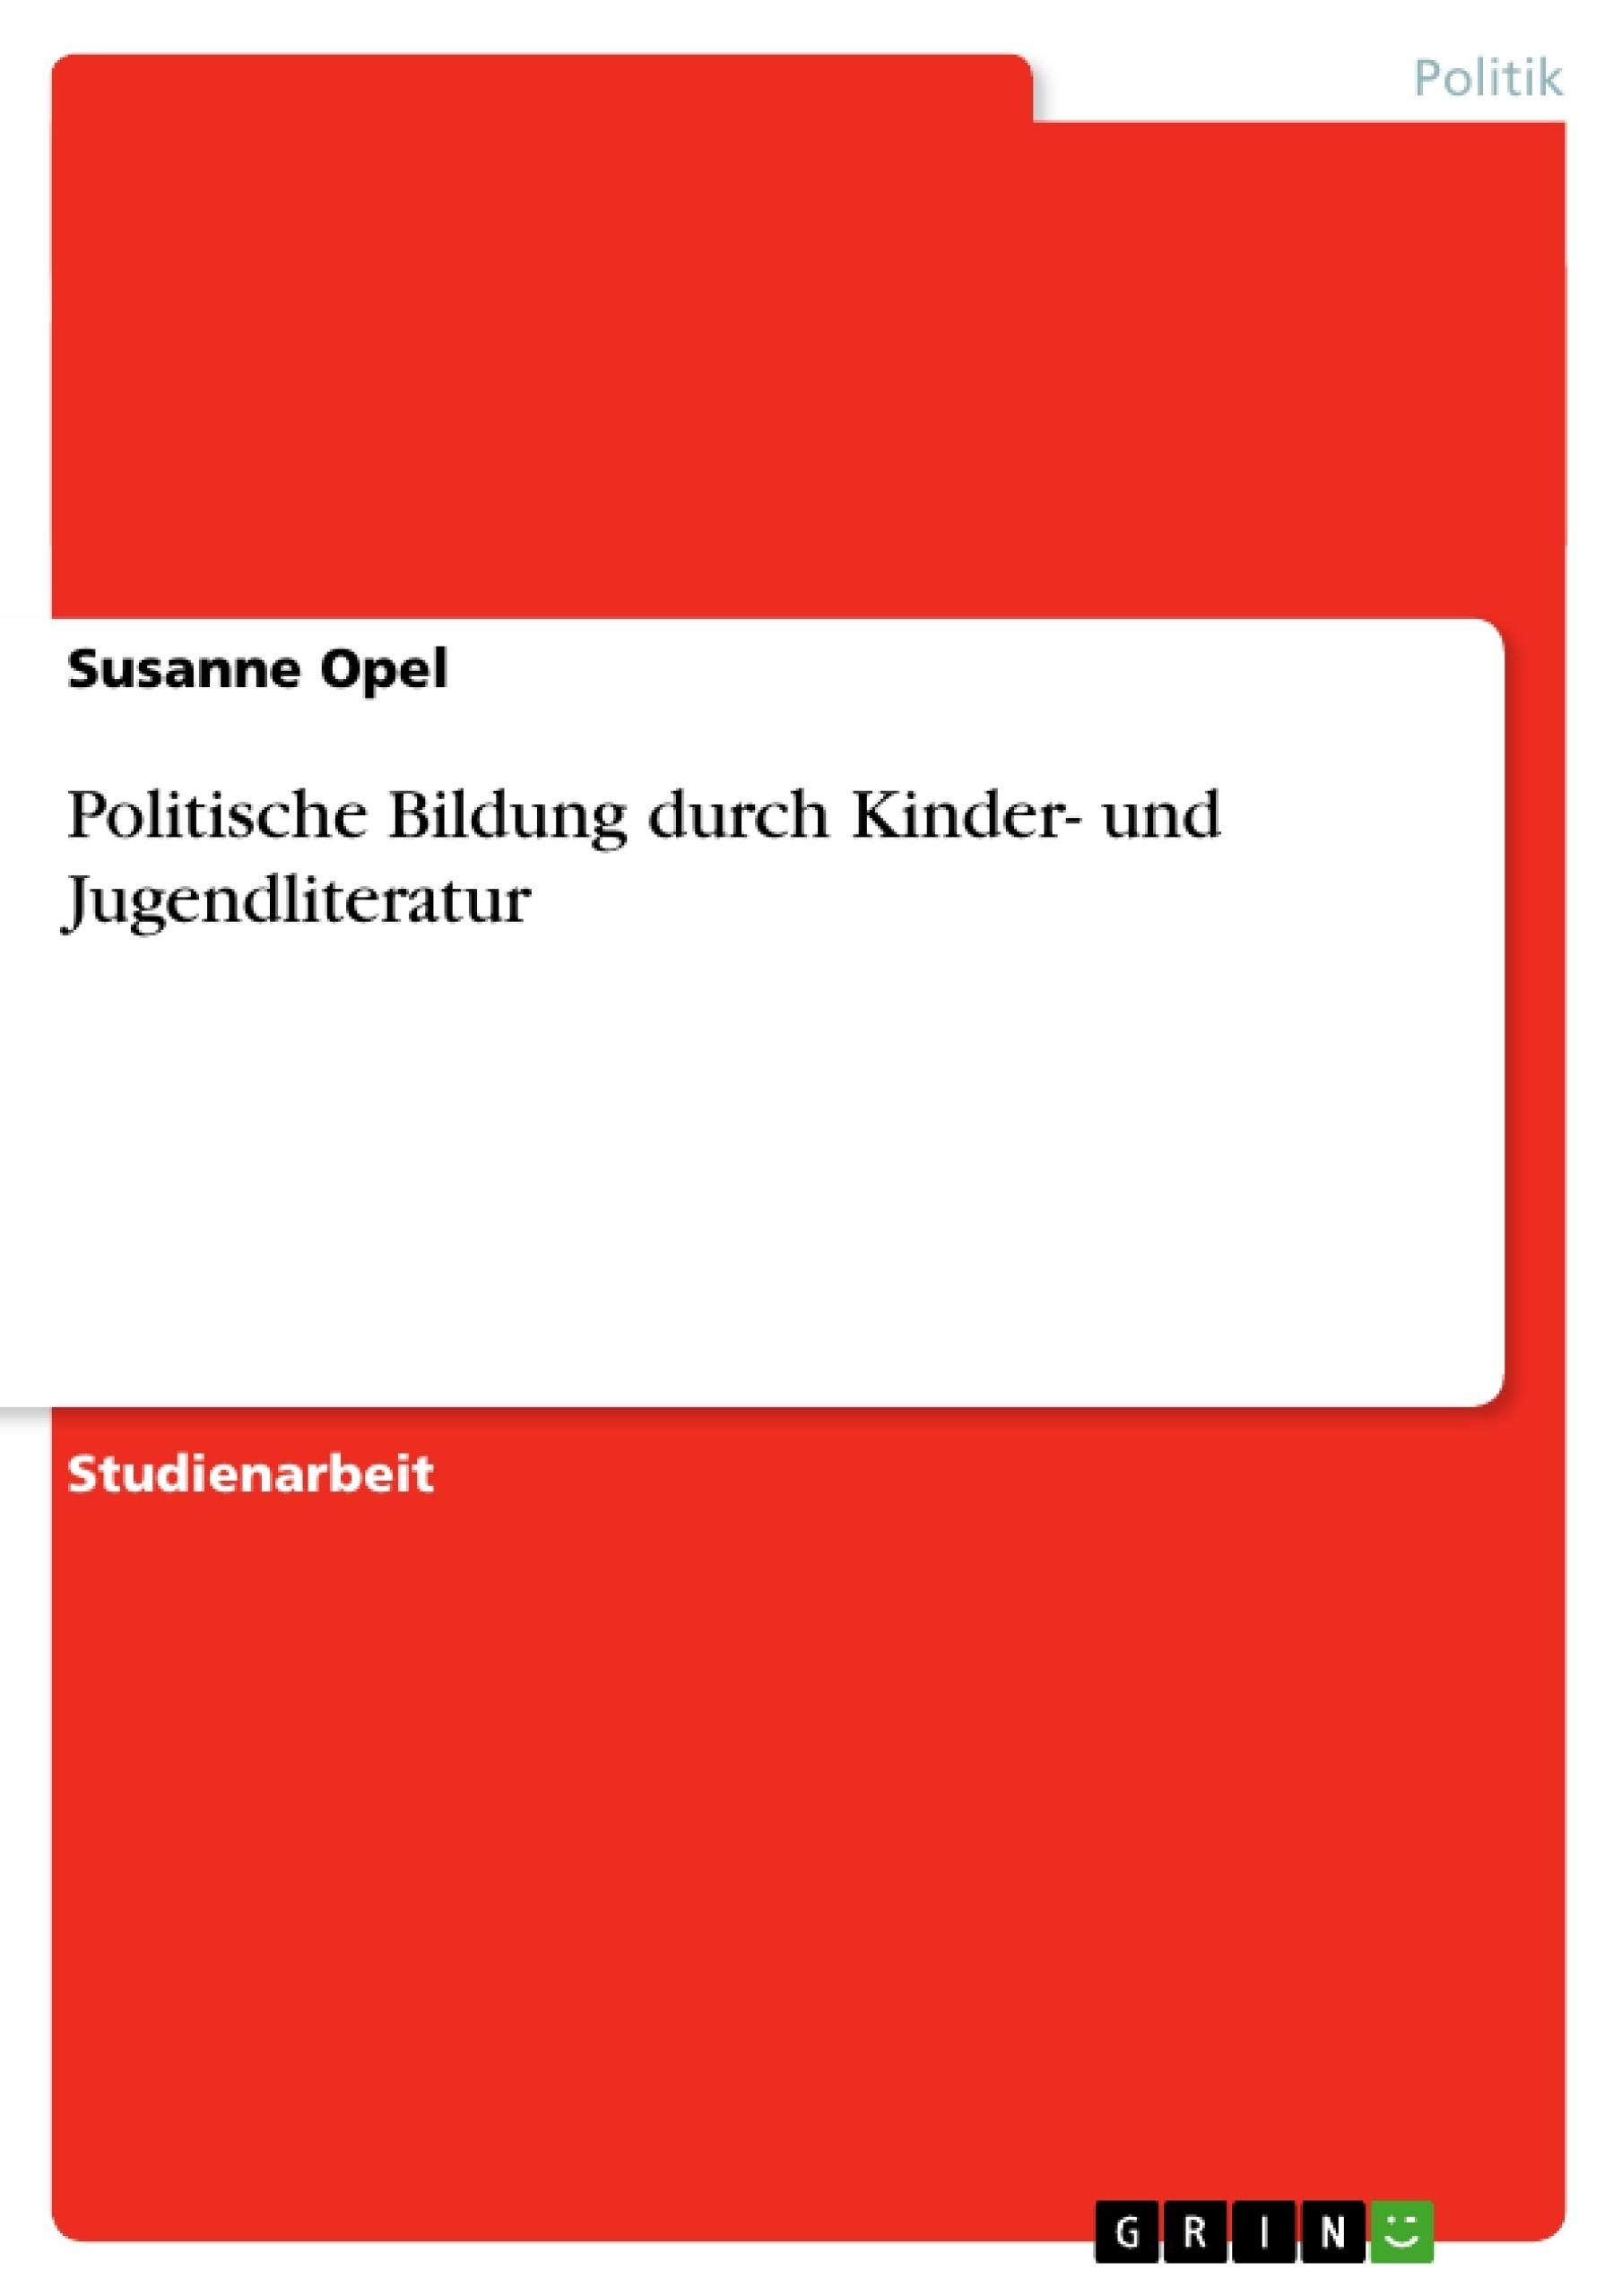 Titel: Politische Bildung durch Kinder- und Jugendliteratur